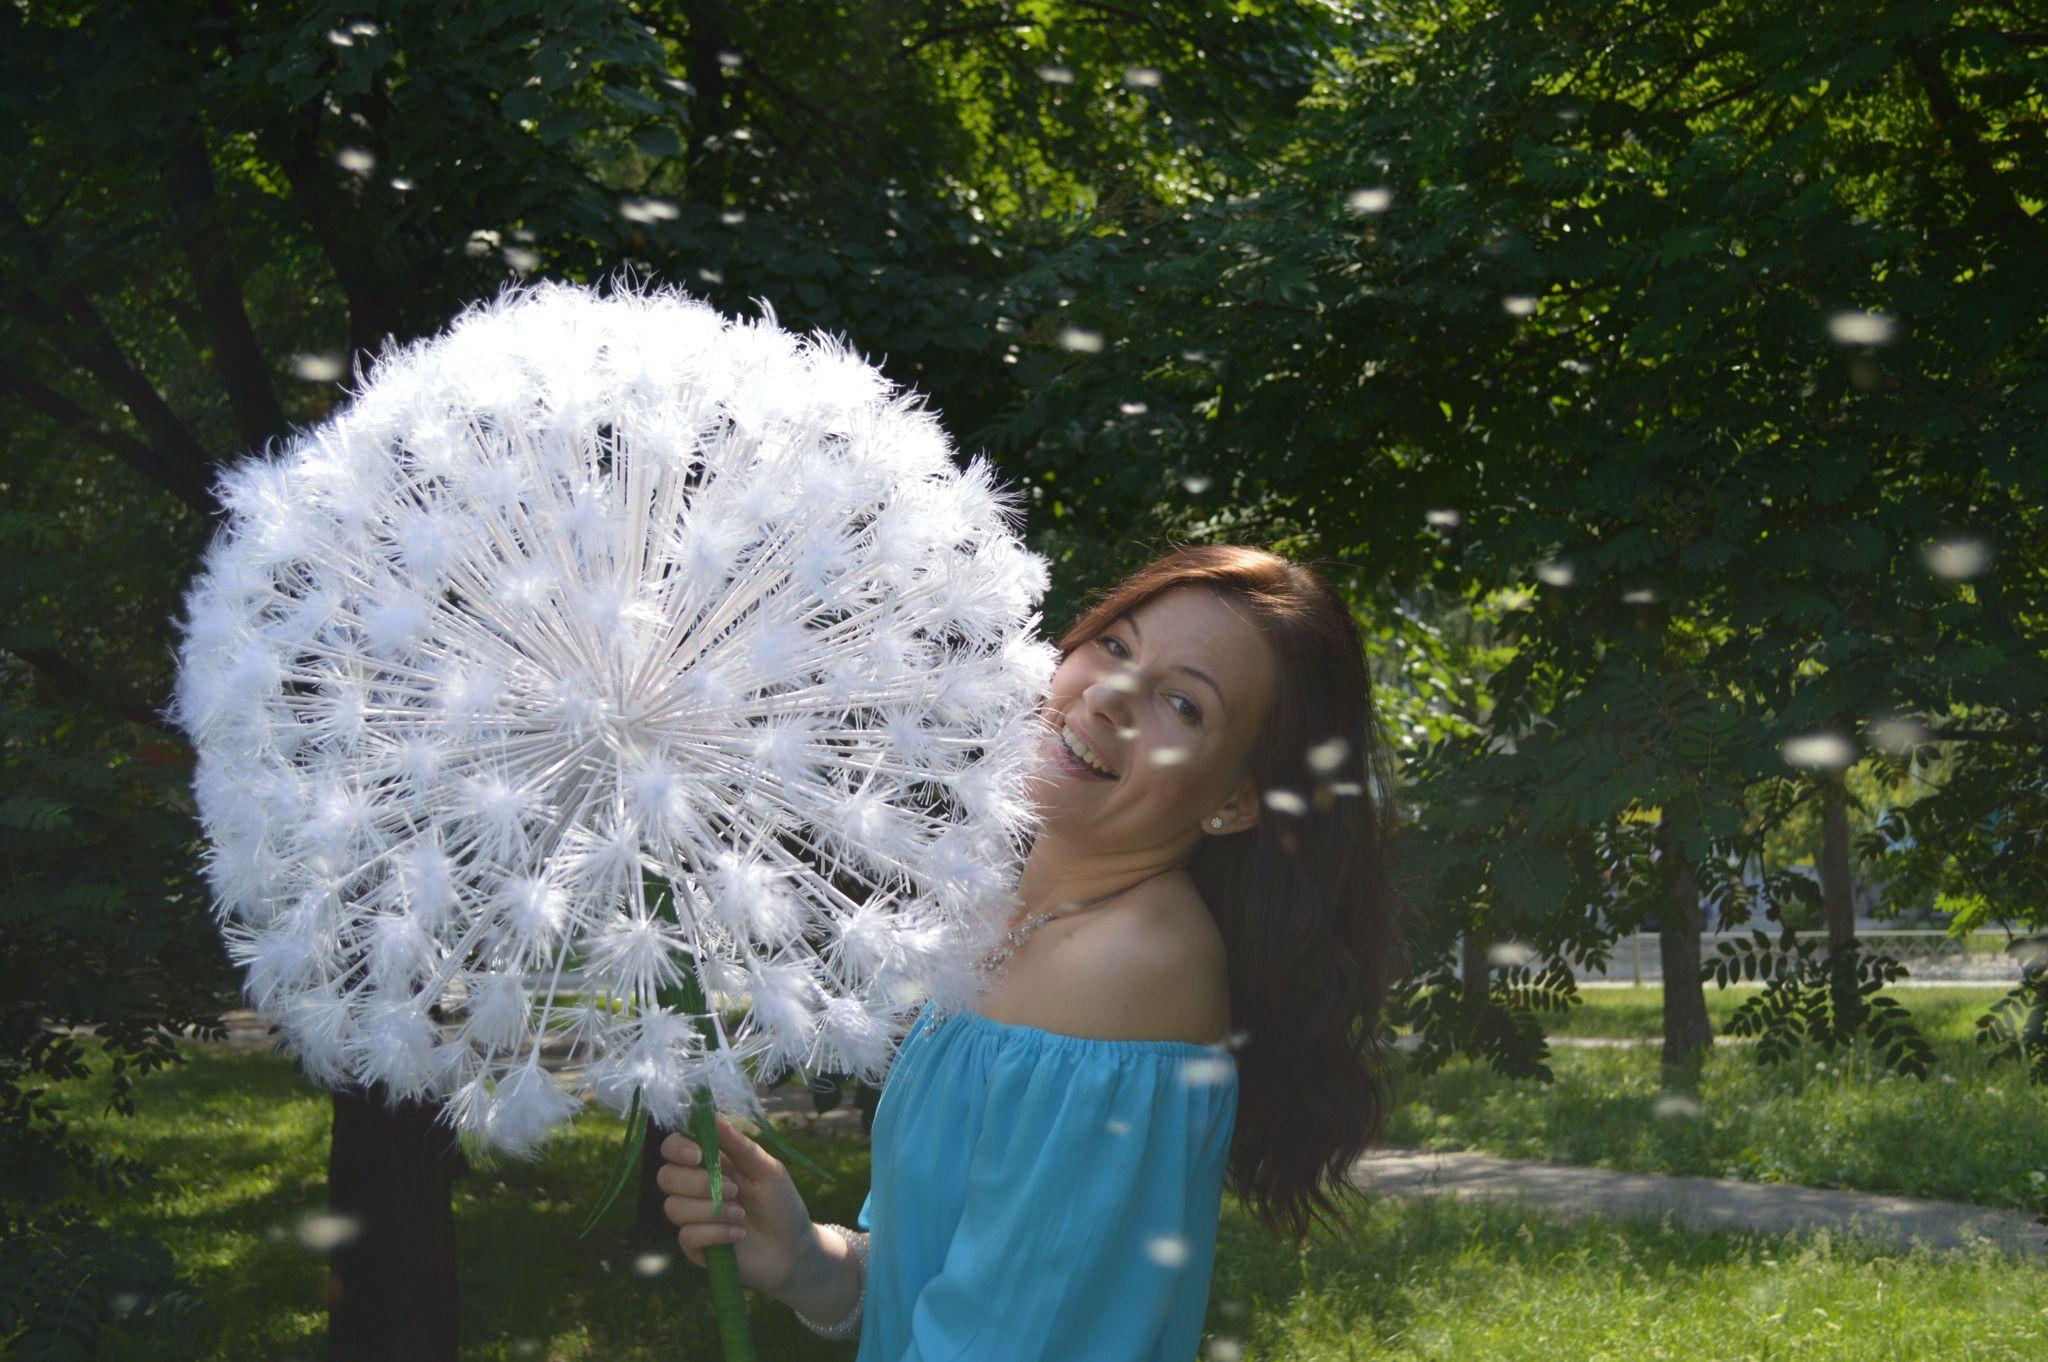 Пушистый одуванчик, большой одуванчик, цветы, большие цветы, цветы из бумаги, цветы для фотосессии, цветы в интерьере, Цветочный декор.